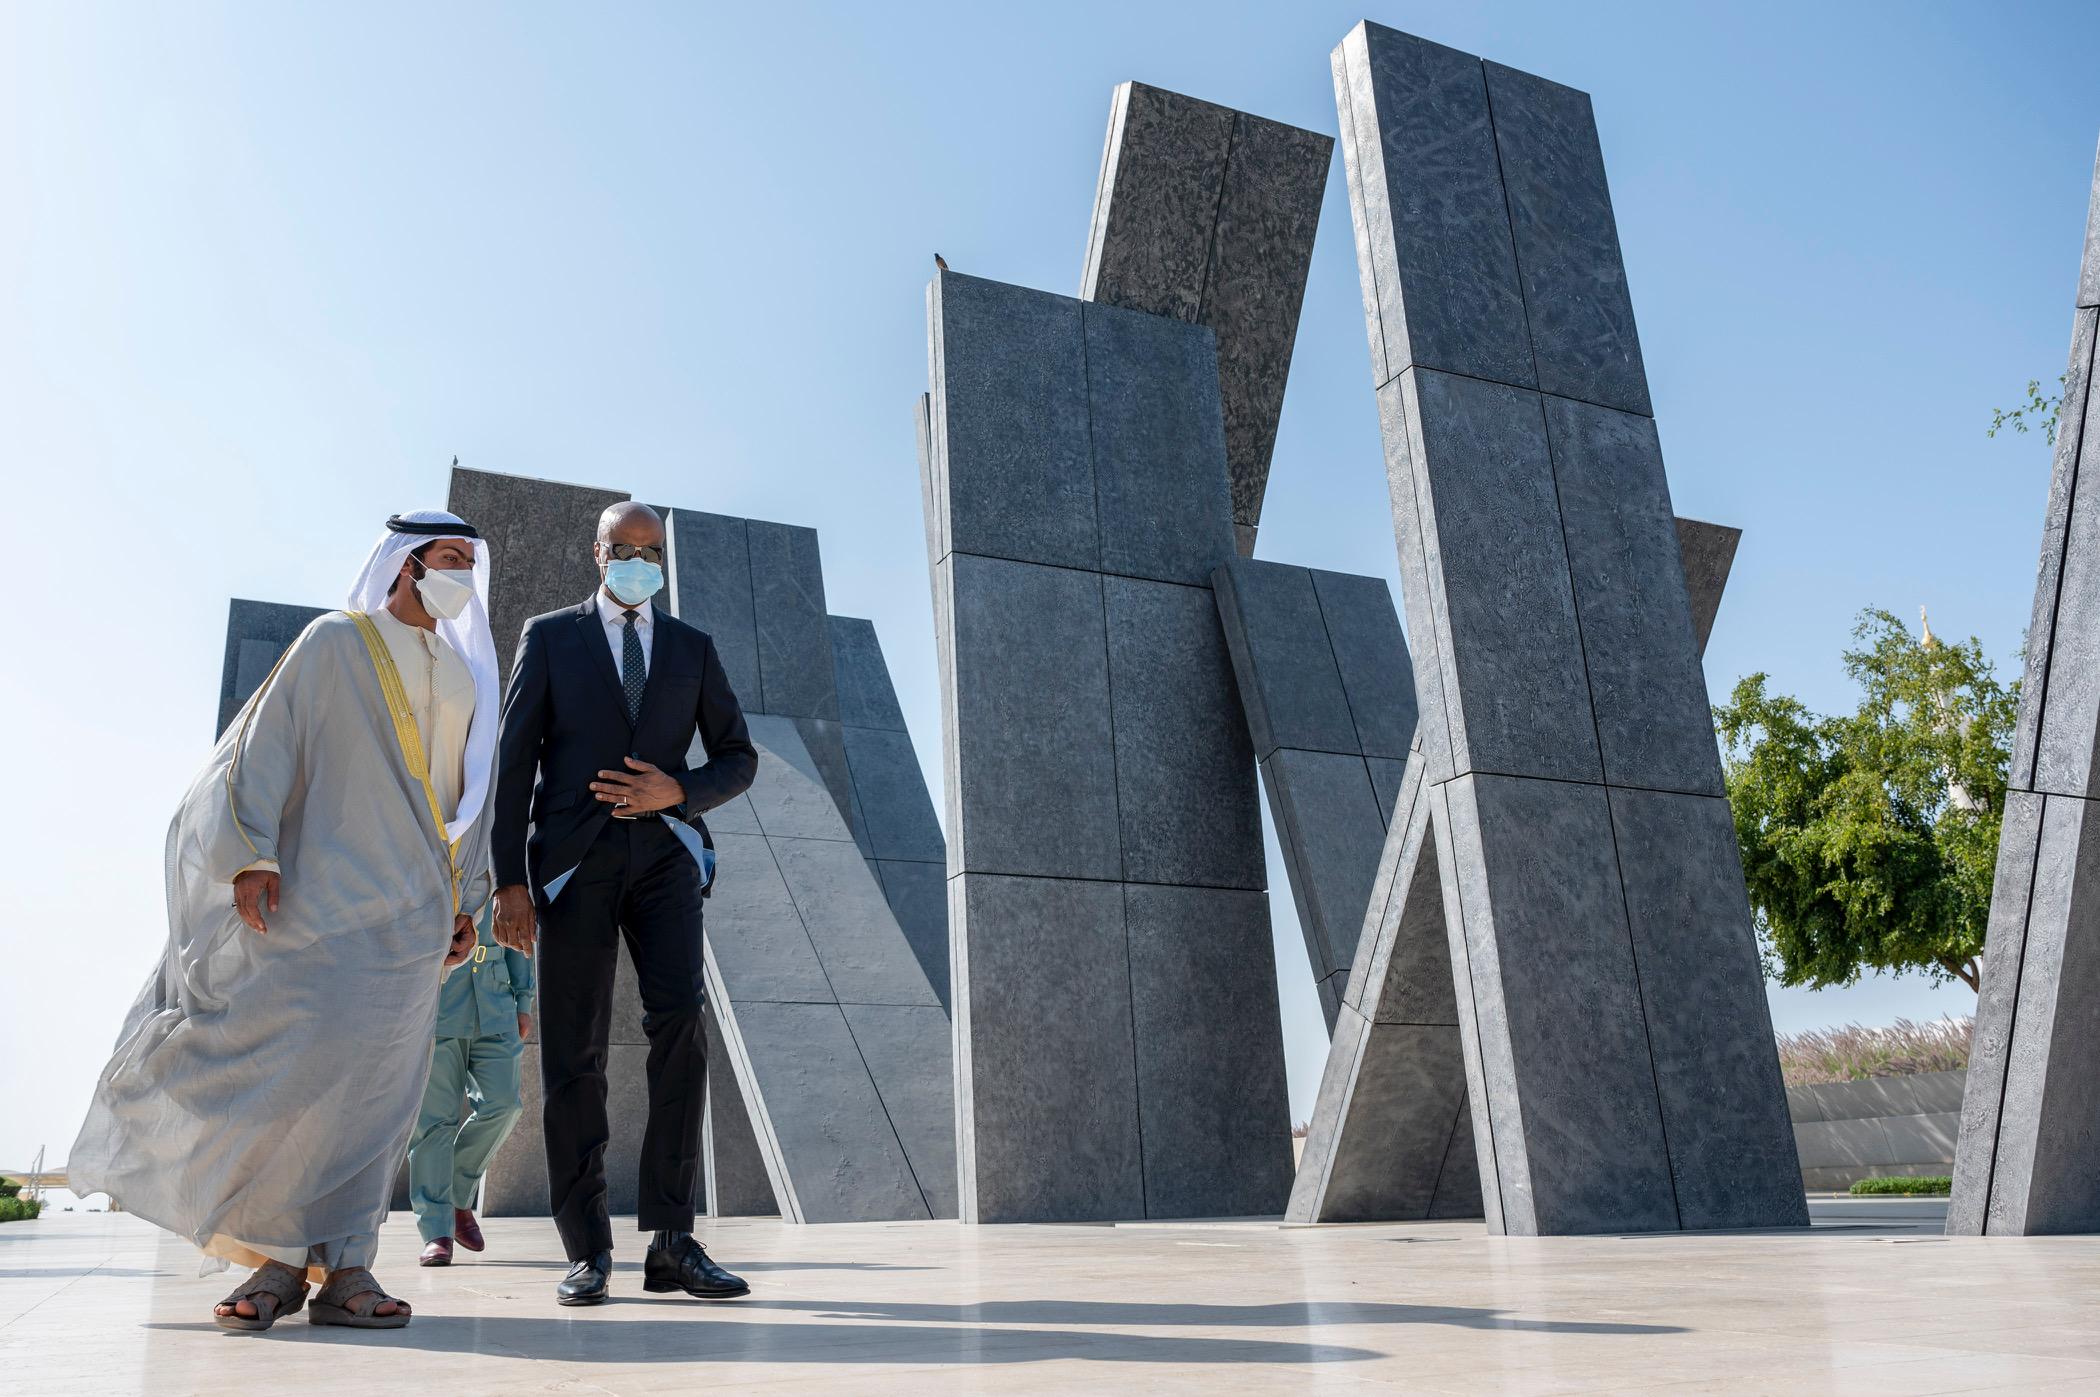 خليفة بن طحنون يستقبل وزير الأمن الغيني في واحة الكرامة